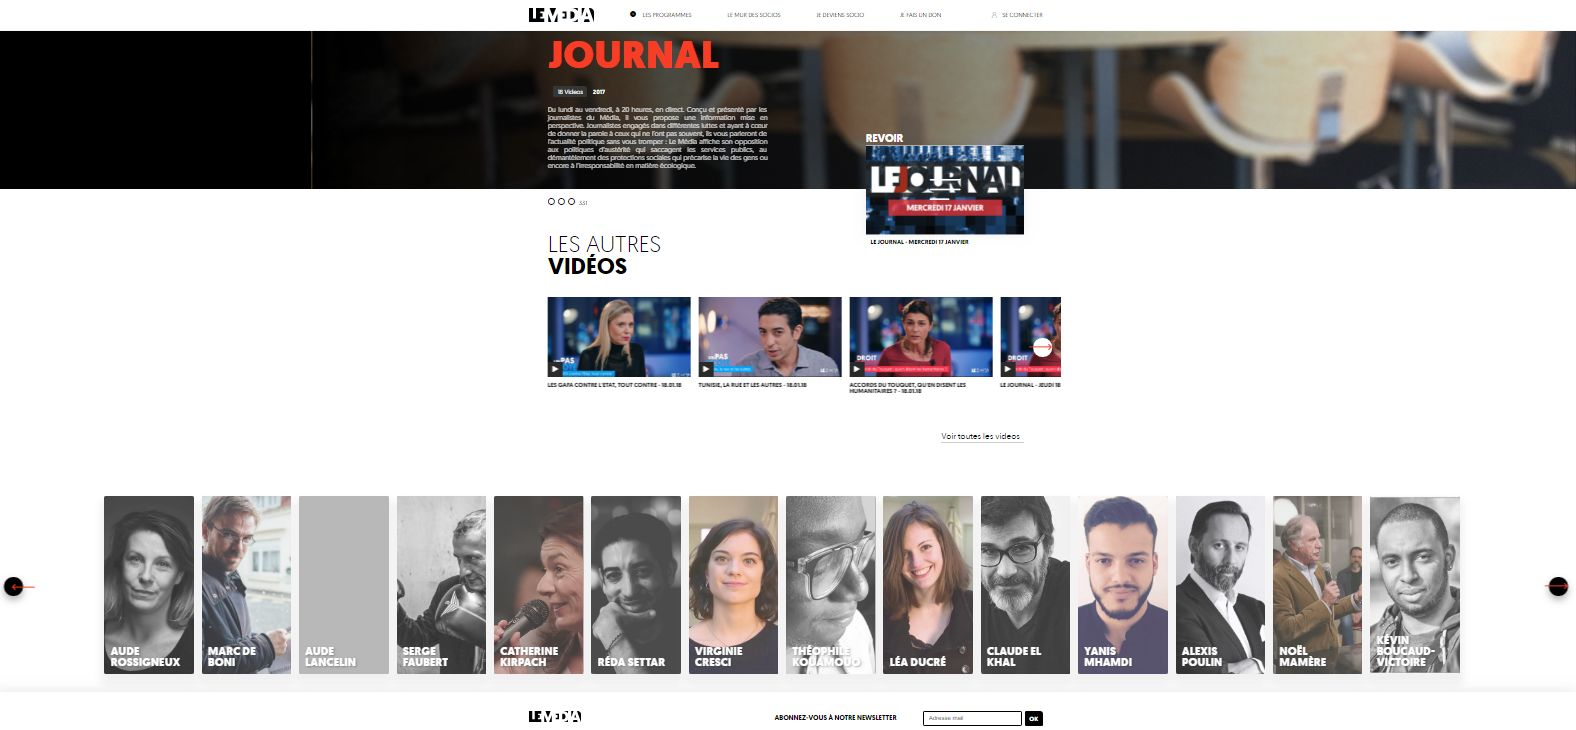 Le Media... de la France Inoumise